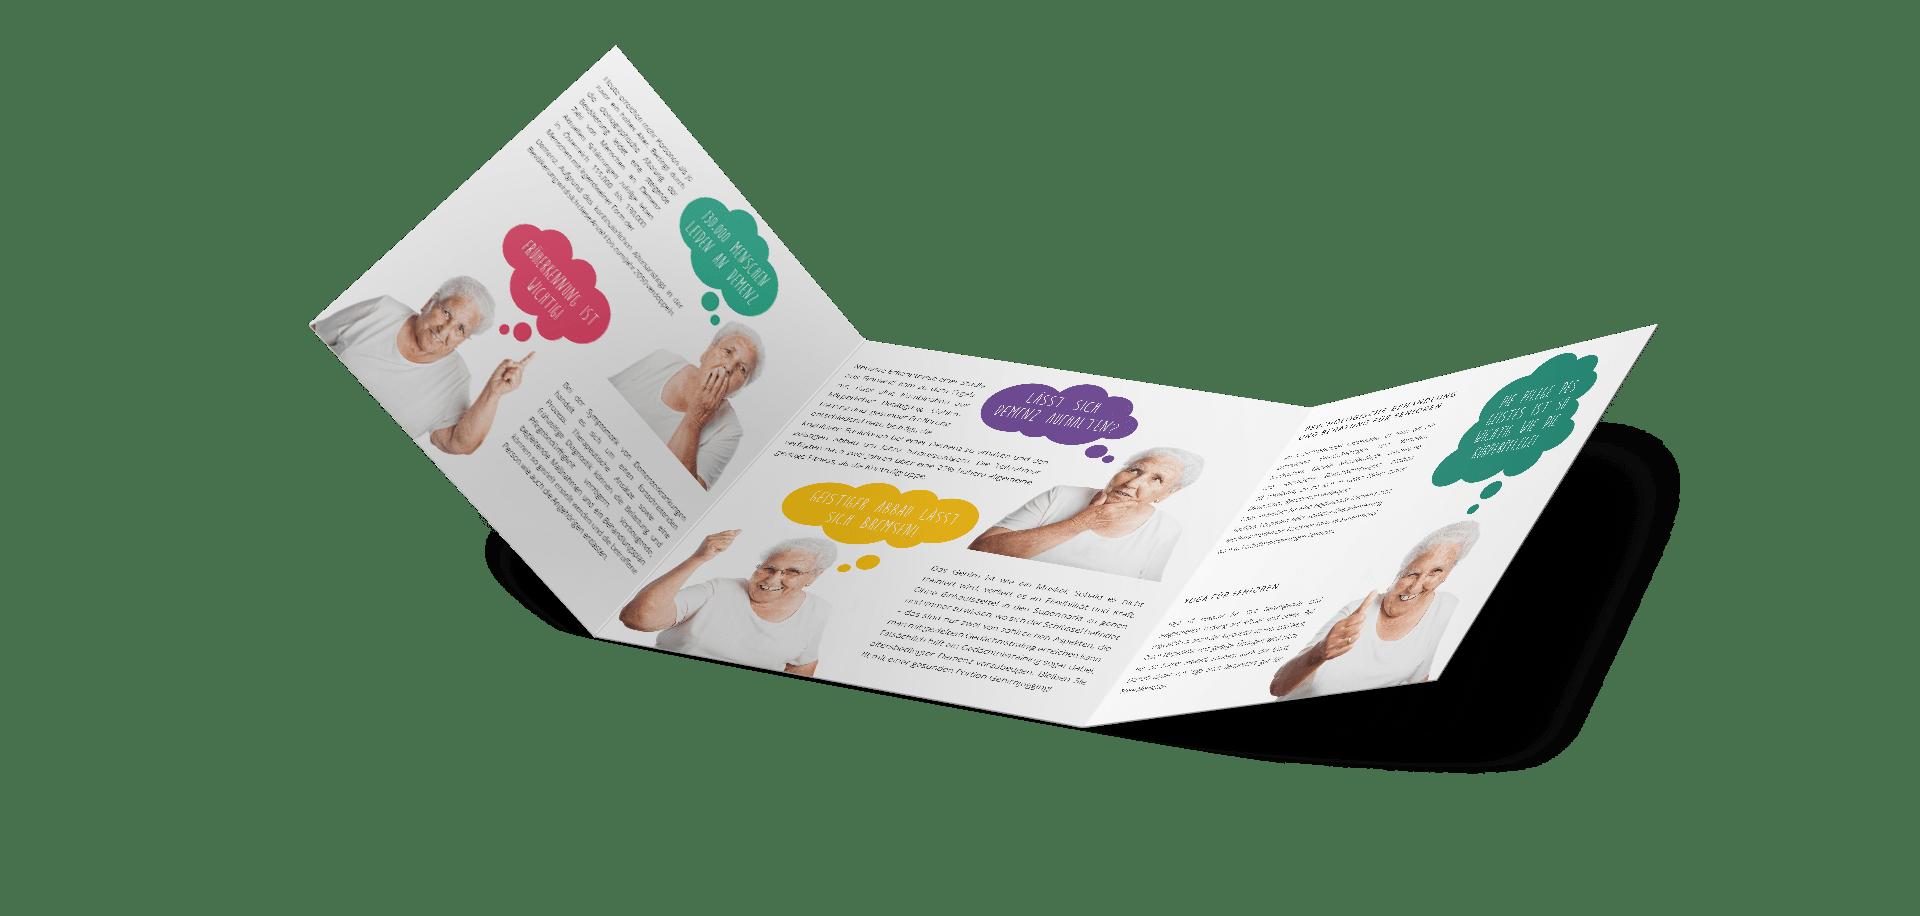 minuteman's Portfolio - Grafikdesign für die psychologische Praxis Pletzer in Innsbruck - Faltblatt quadratisch aufgeklappt Innenseiten